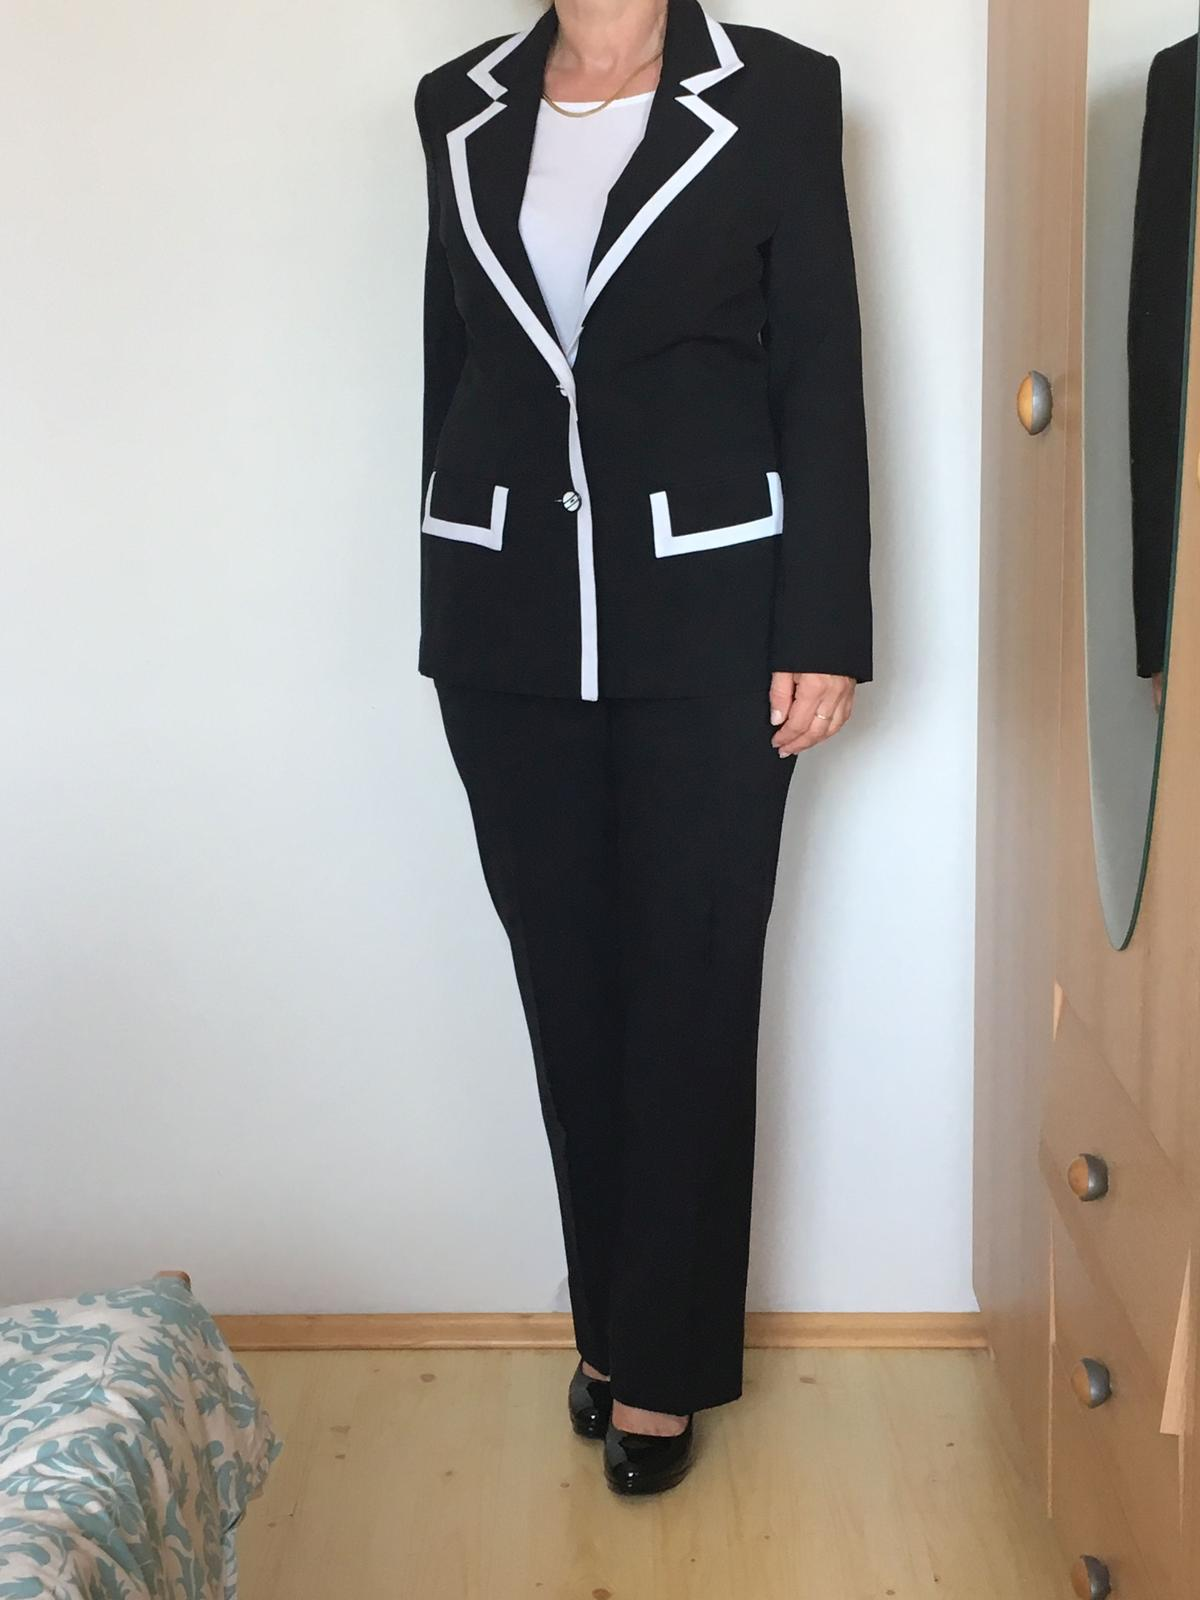 9373011c3 Čierny nohavicový a biely sukňový kostým, 36 - 15 € | Svadobný bazár |  Mojasvadba.sk